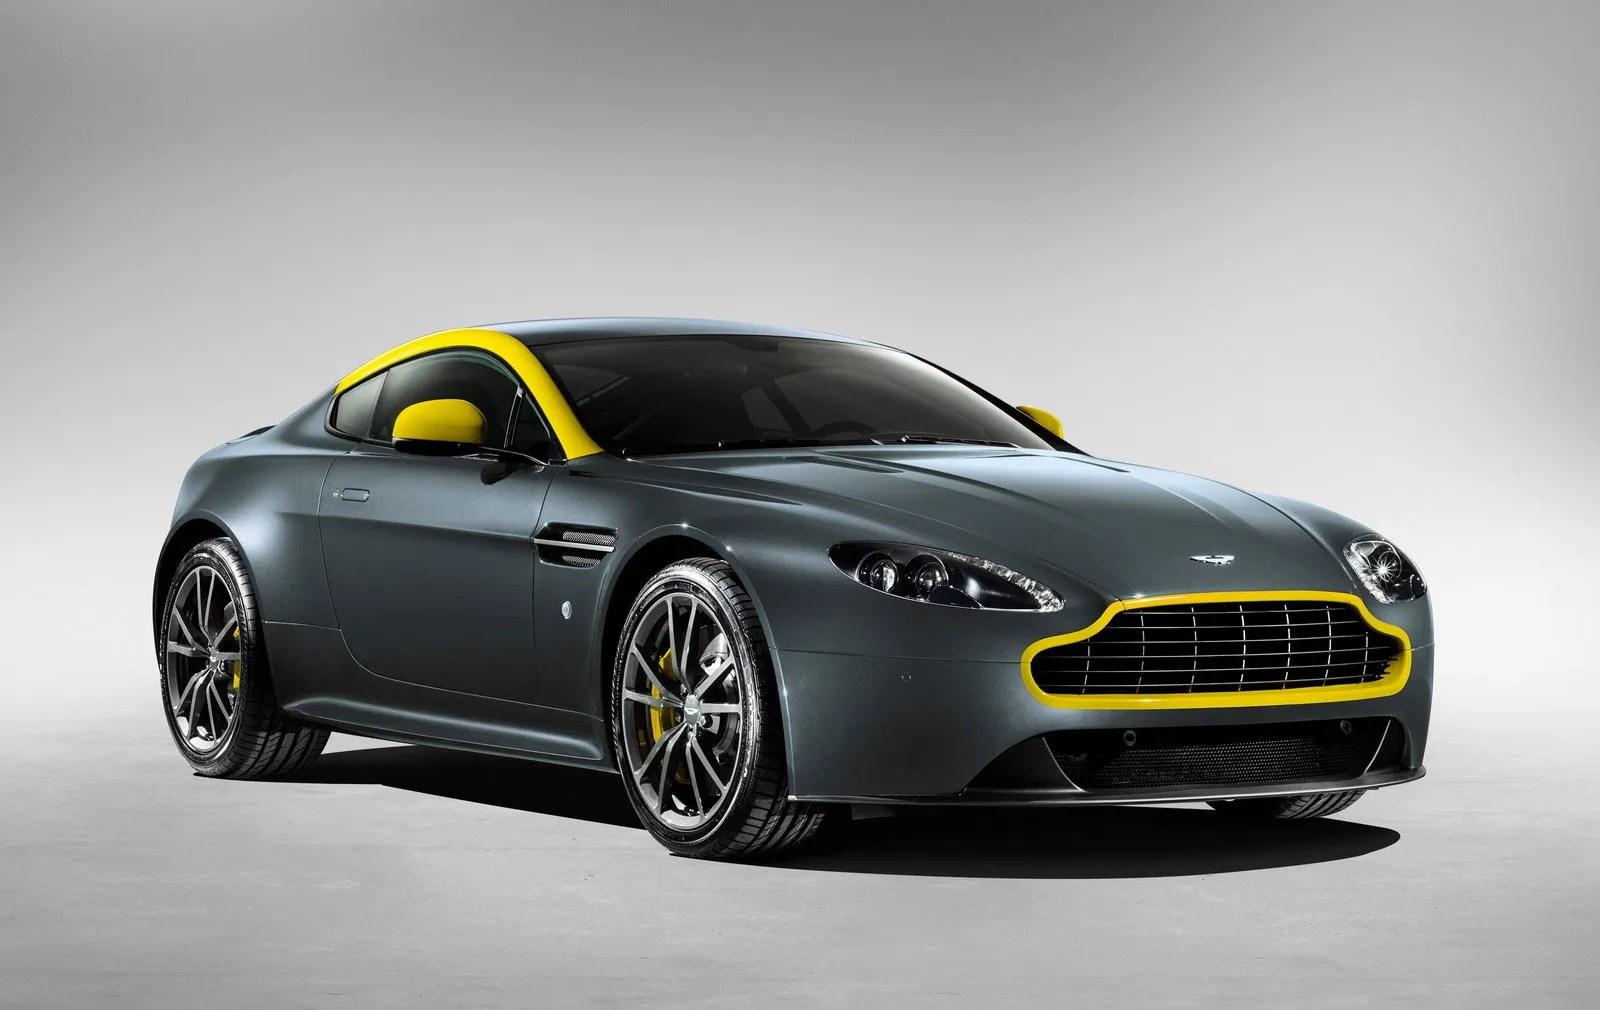 2015 Aston Martin V8 Vantage N430 | Top Speed